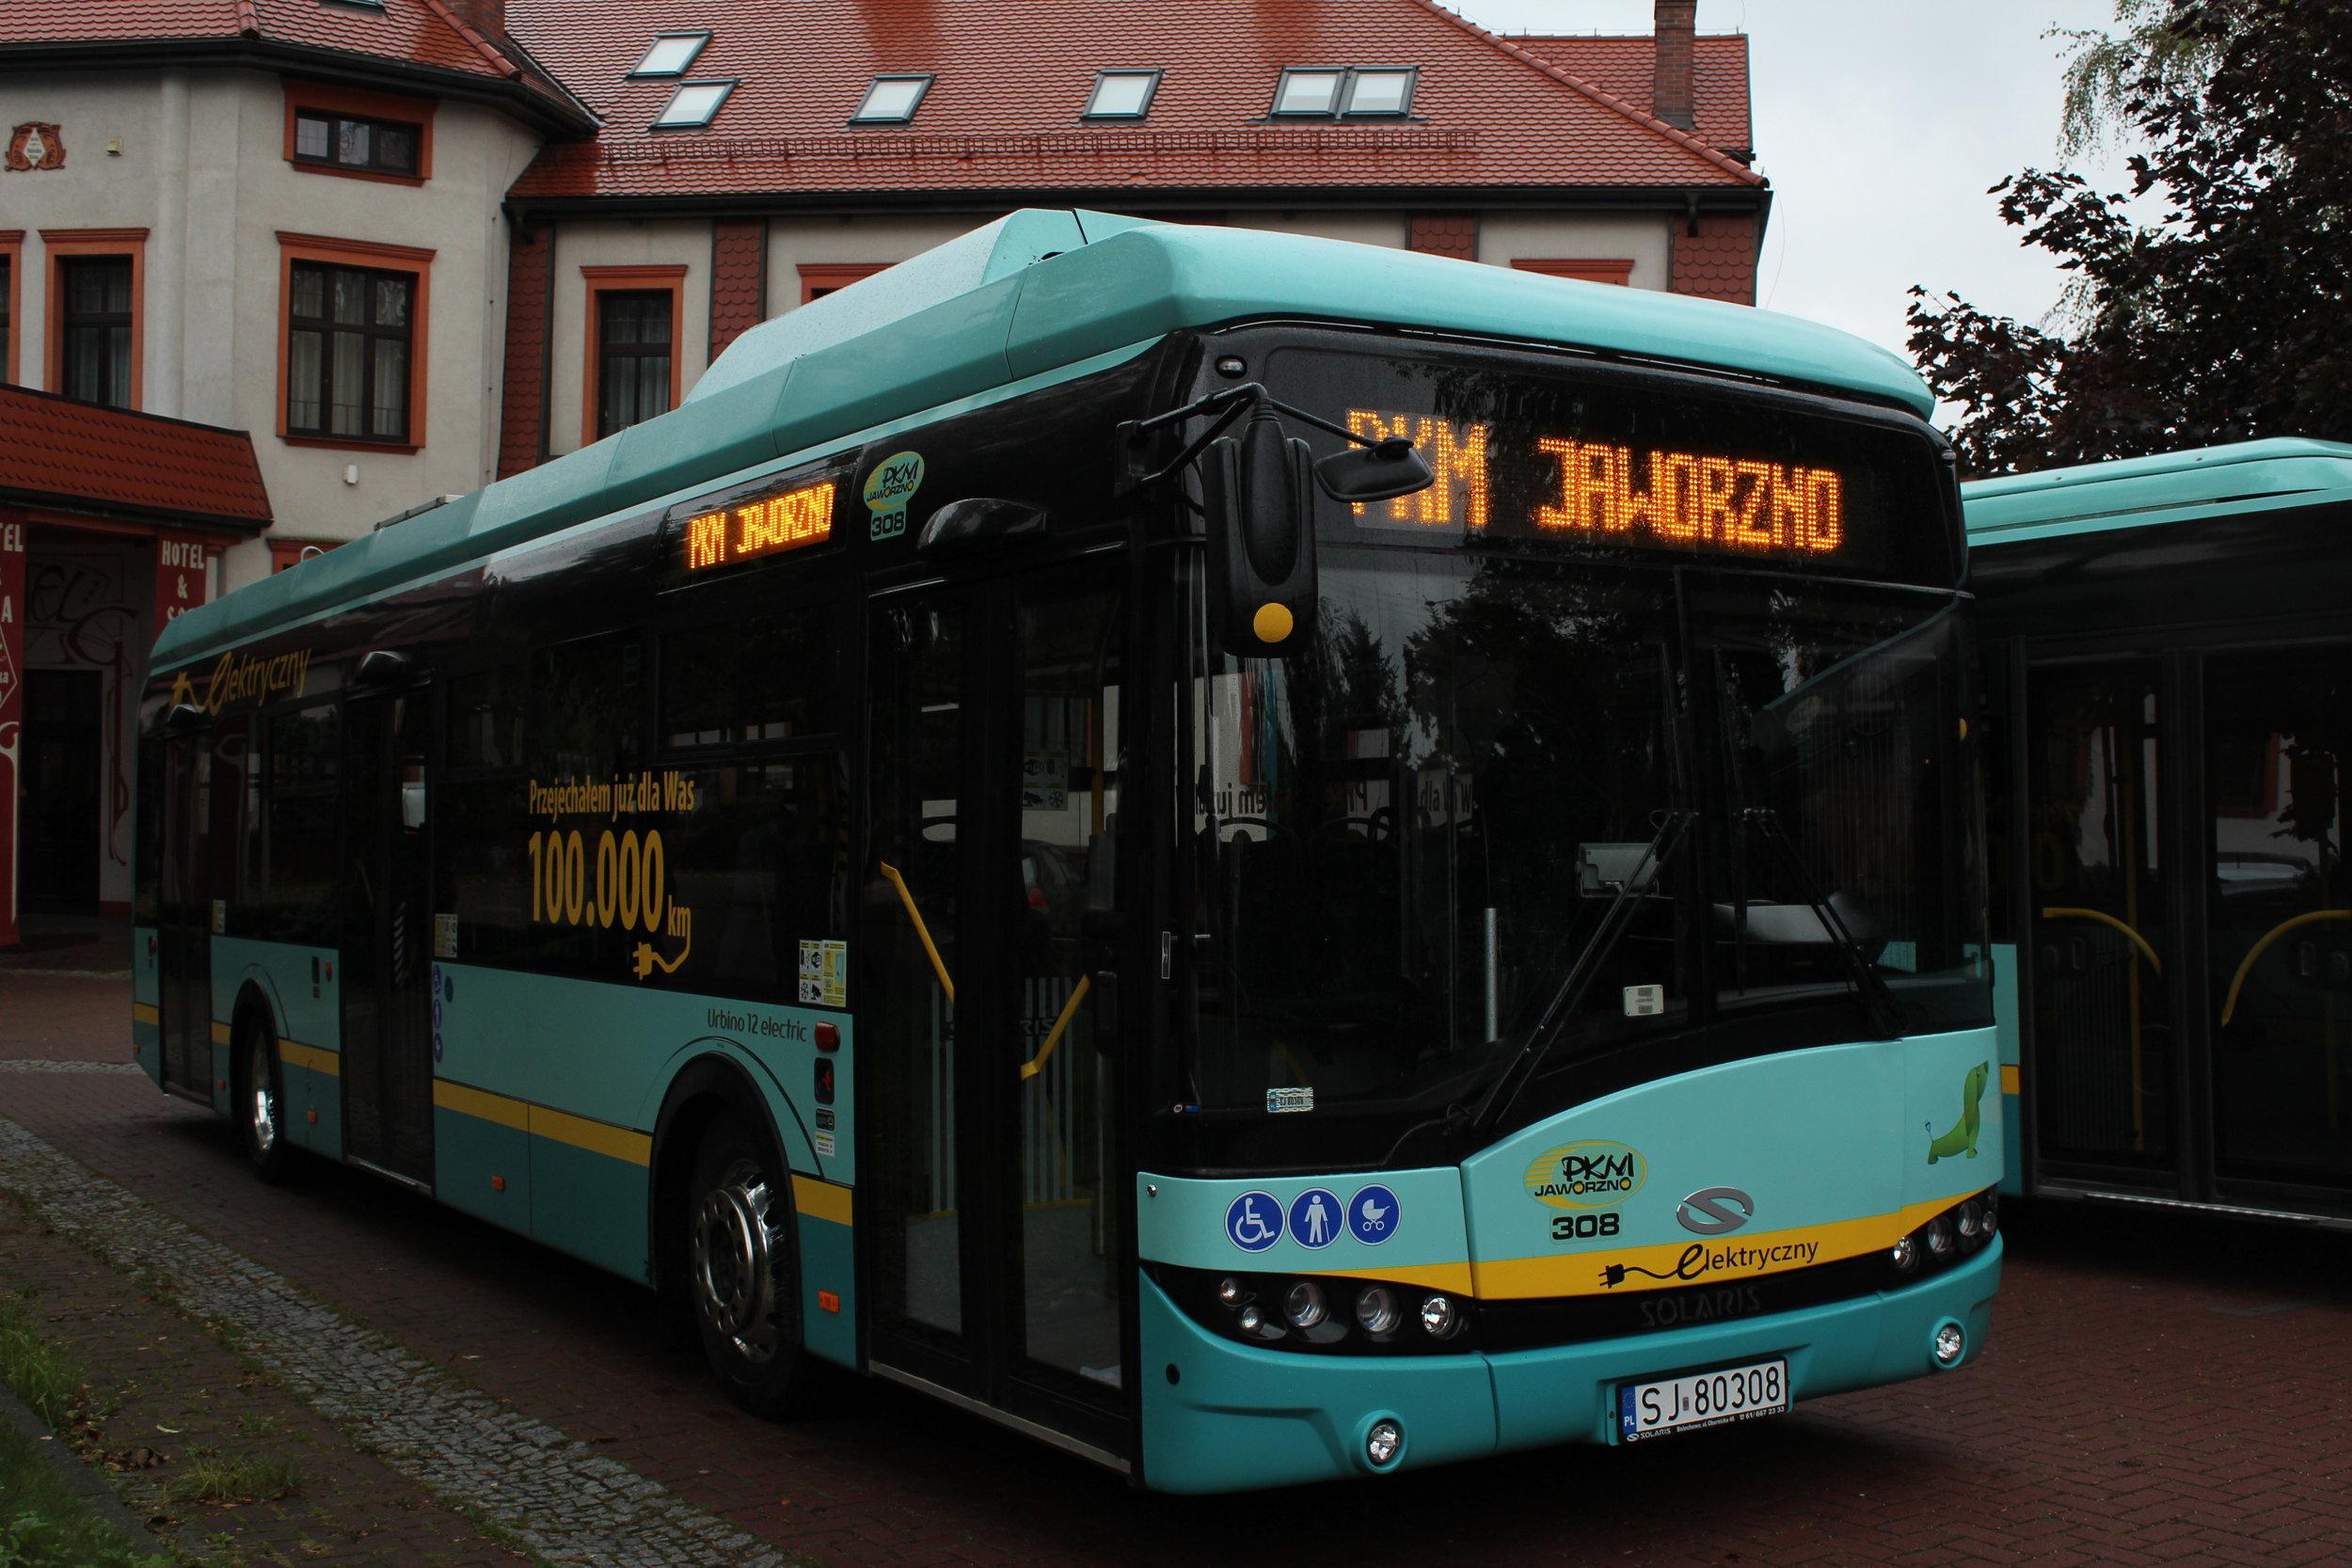 První elektrobus v Jaworzně najel od jara již 100 000 km. (zdroj: Solaris Bus & Coach)